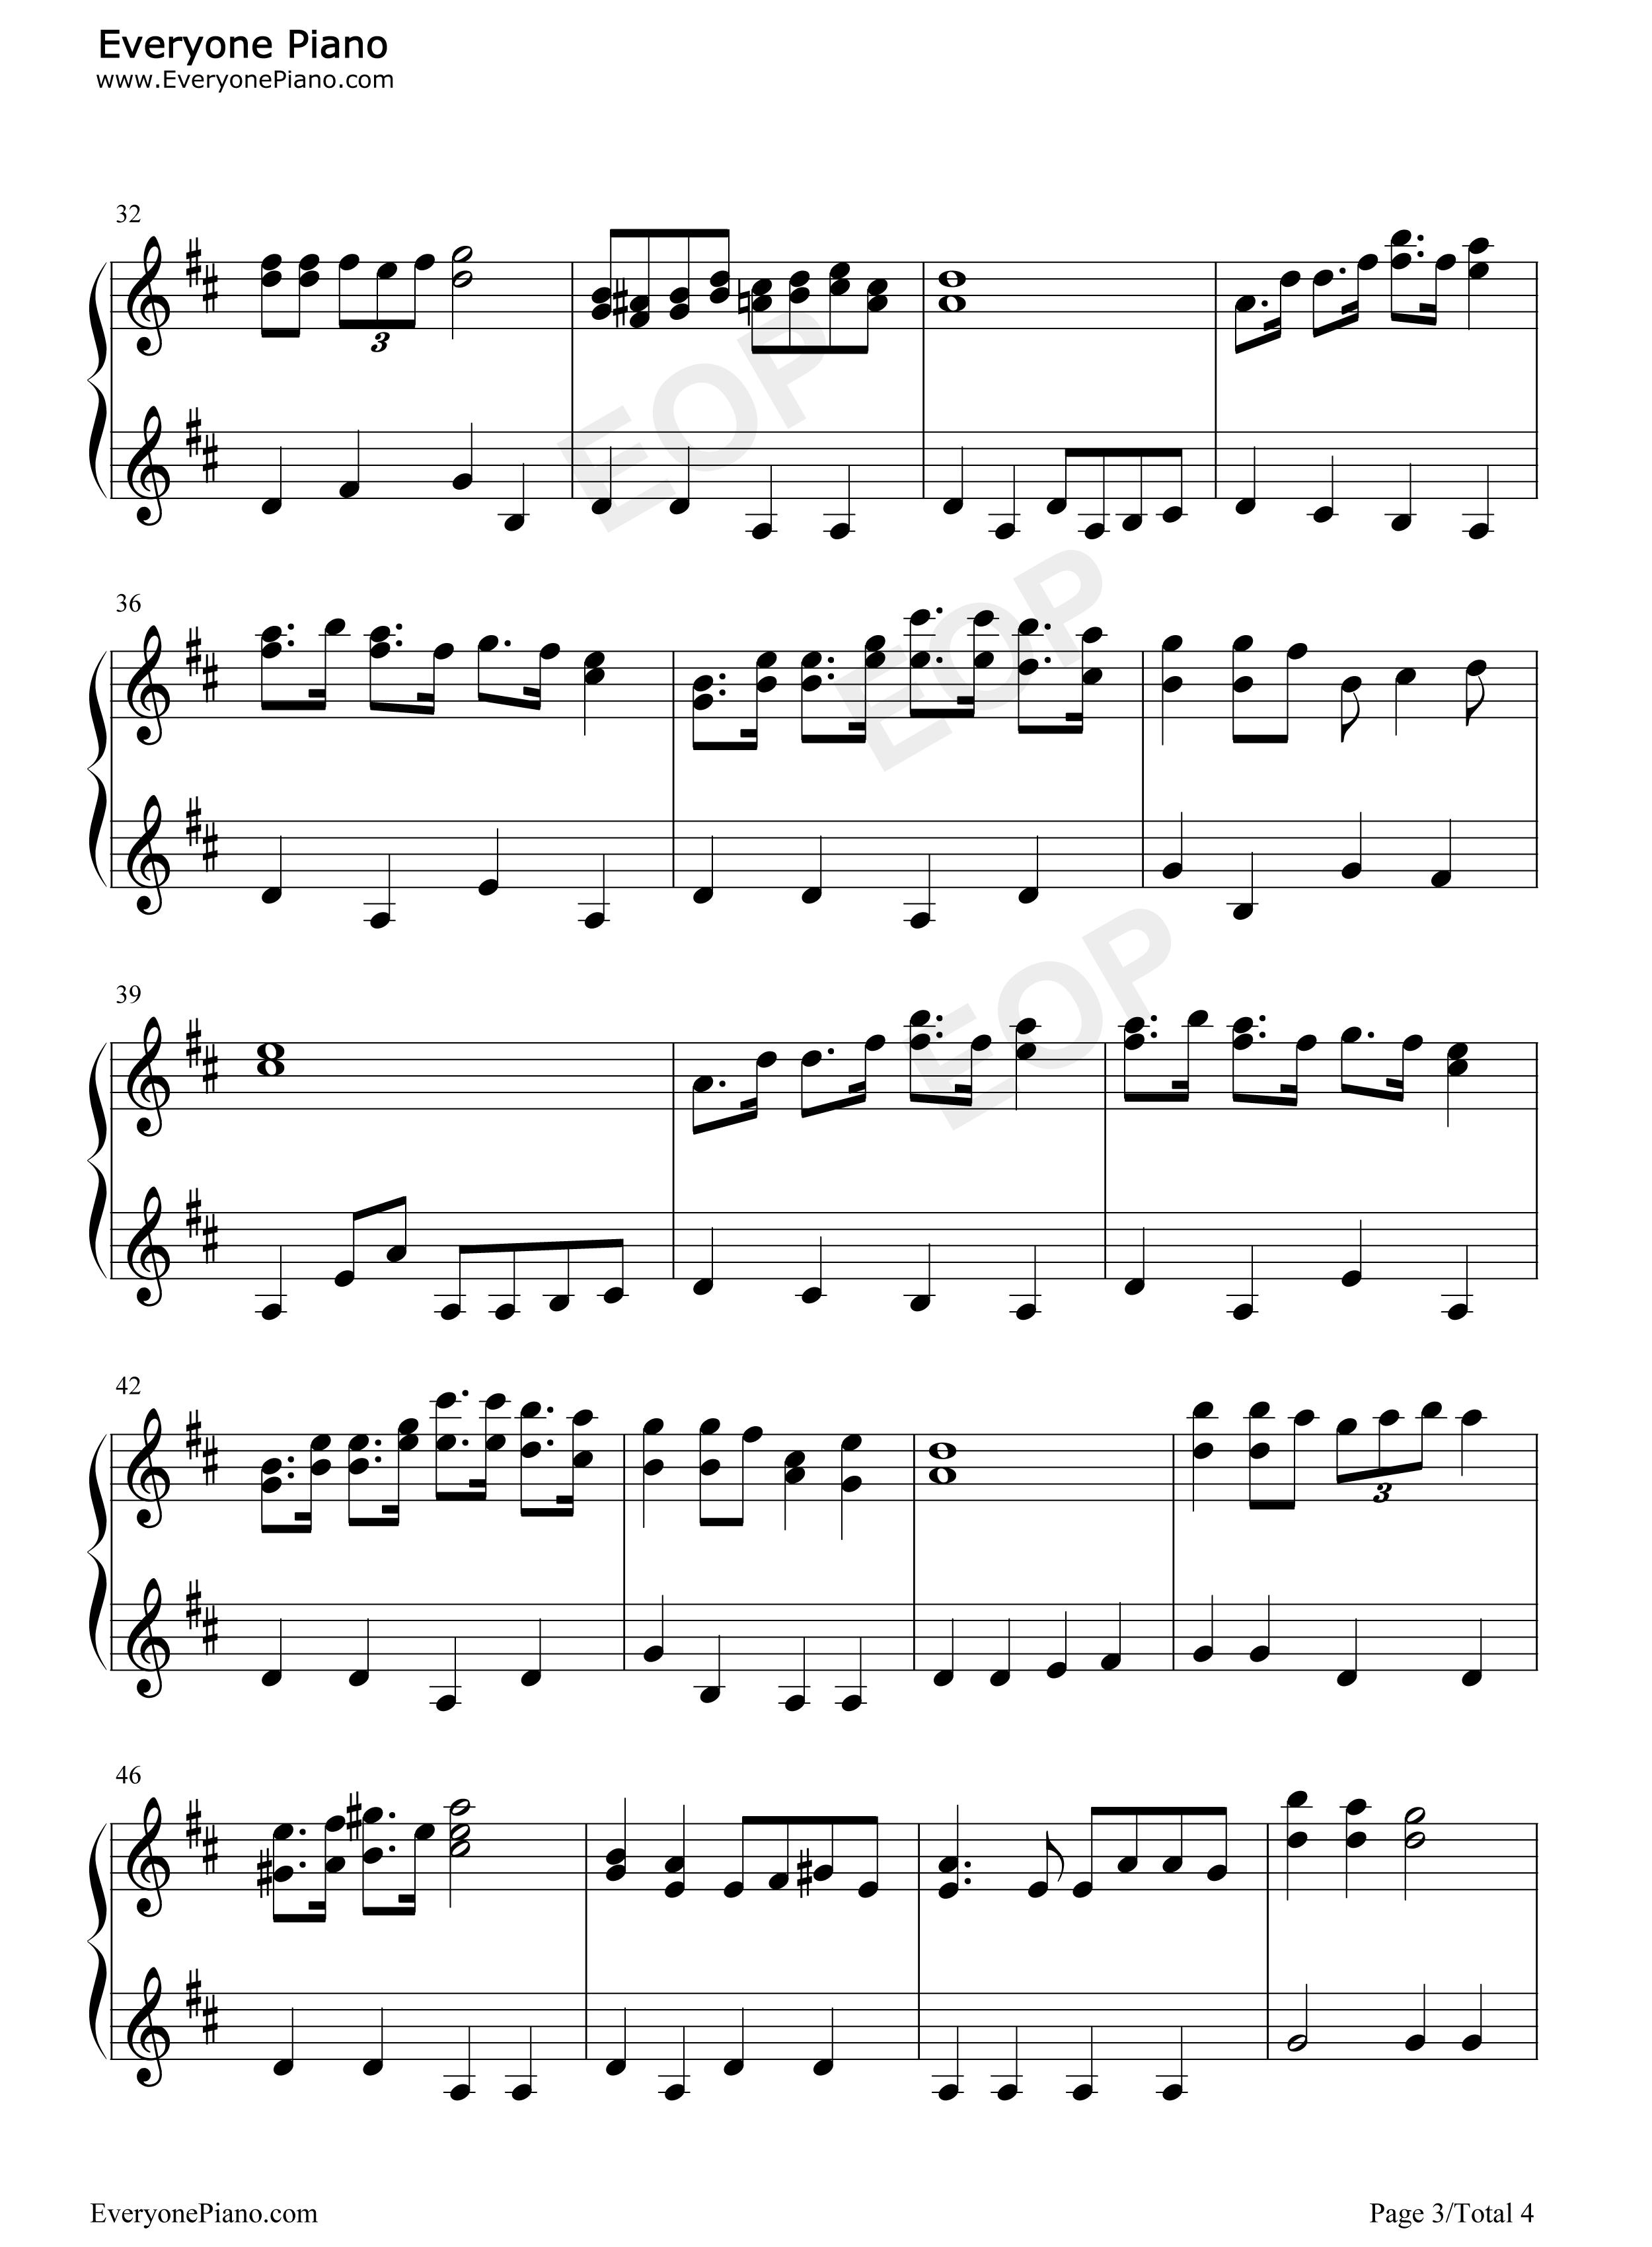 钢琴曲谱 动漫 哆啦a梦主题曲-哆啦a梦之歌-doraemon 哆啦a梦主题曲